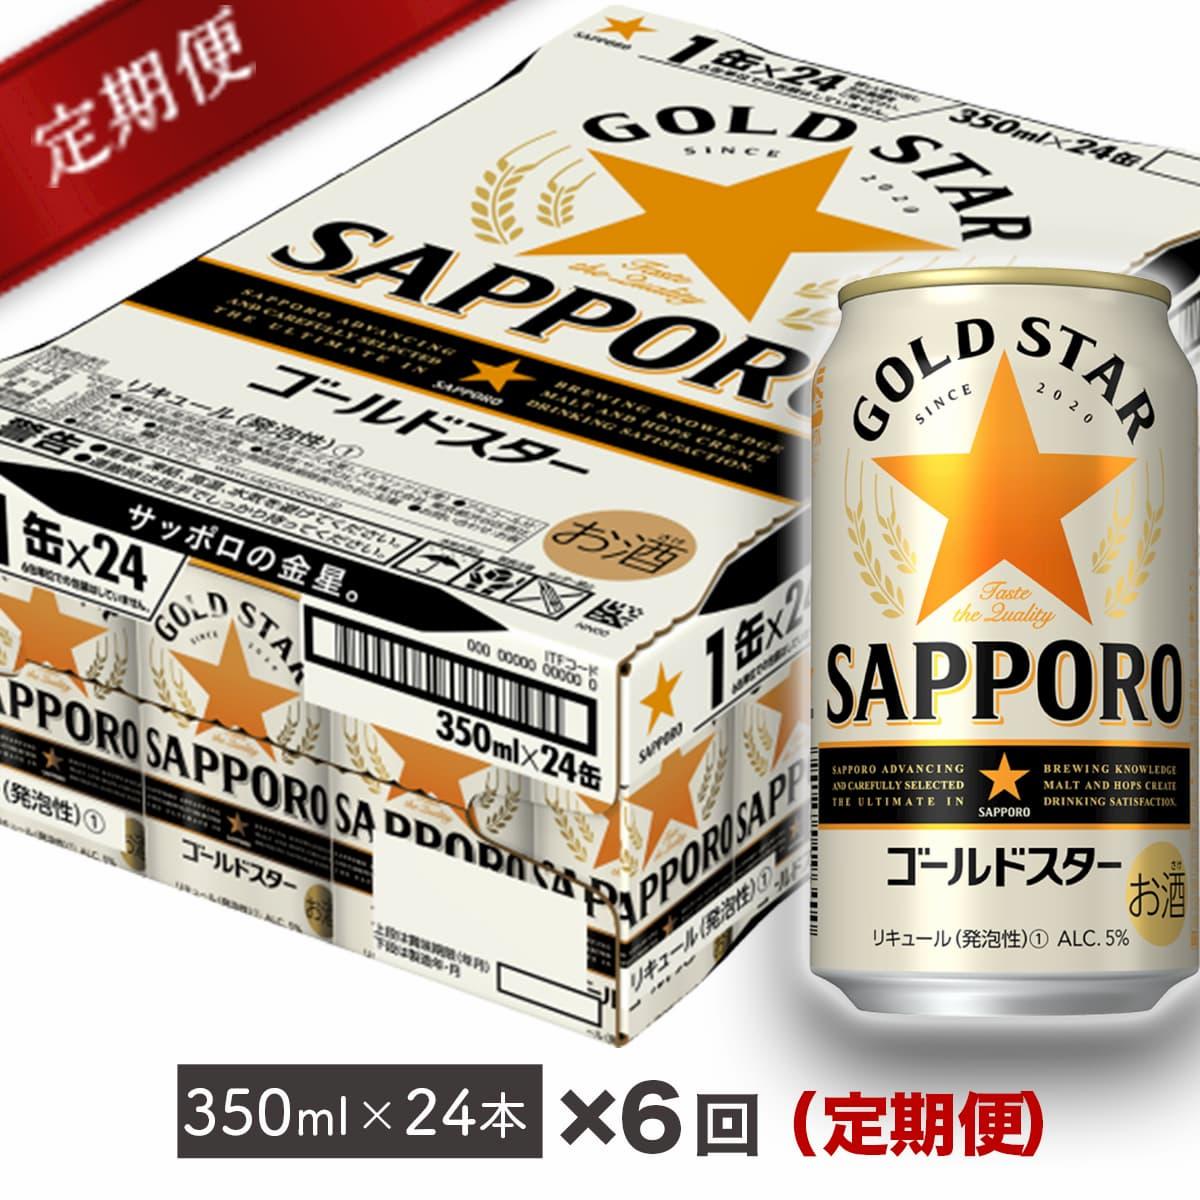 【ふるさと納税】地元名取産 サッポロ ゴールドスター 金星 350ml缶×24本(1ケース)を6回お届け